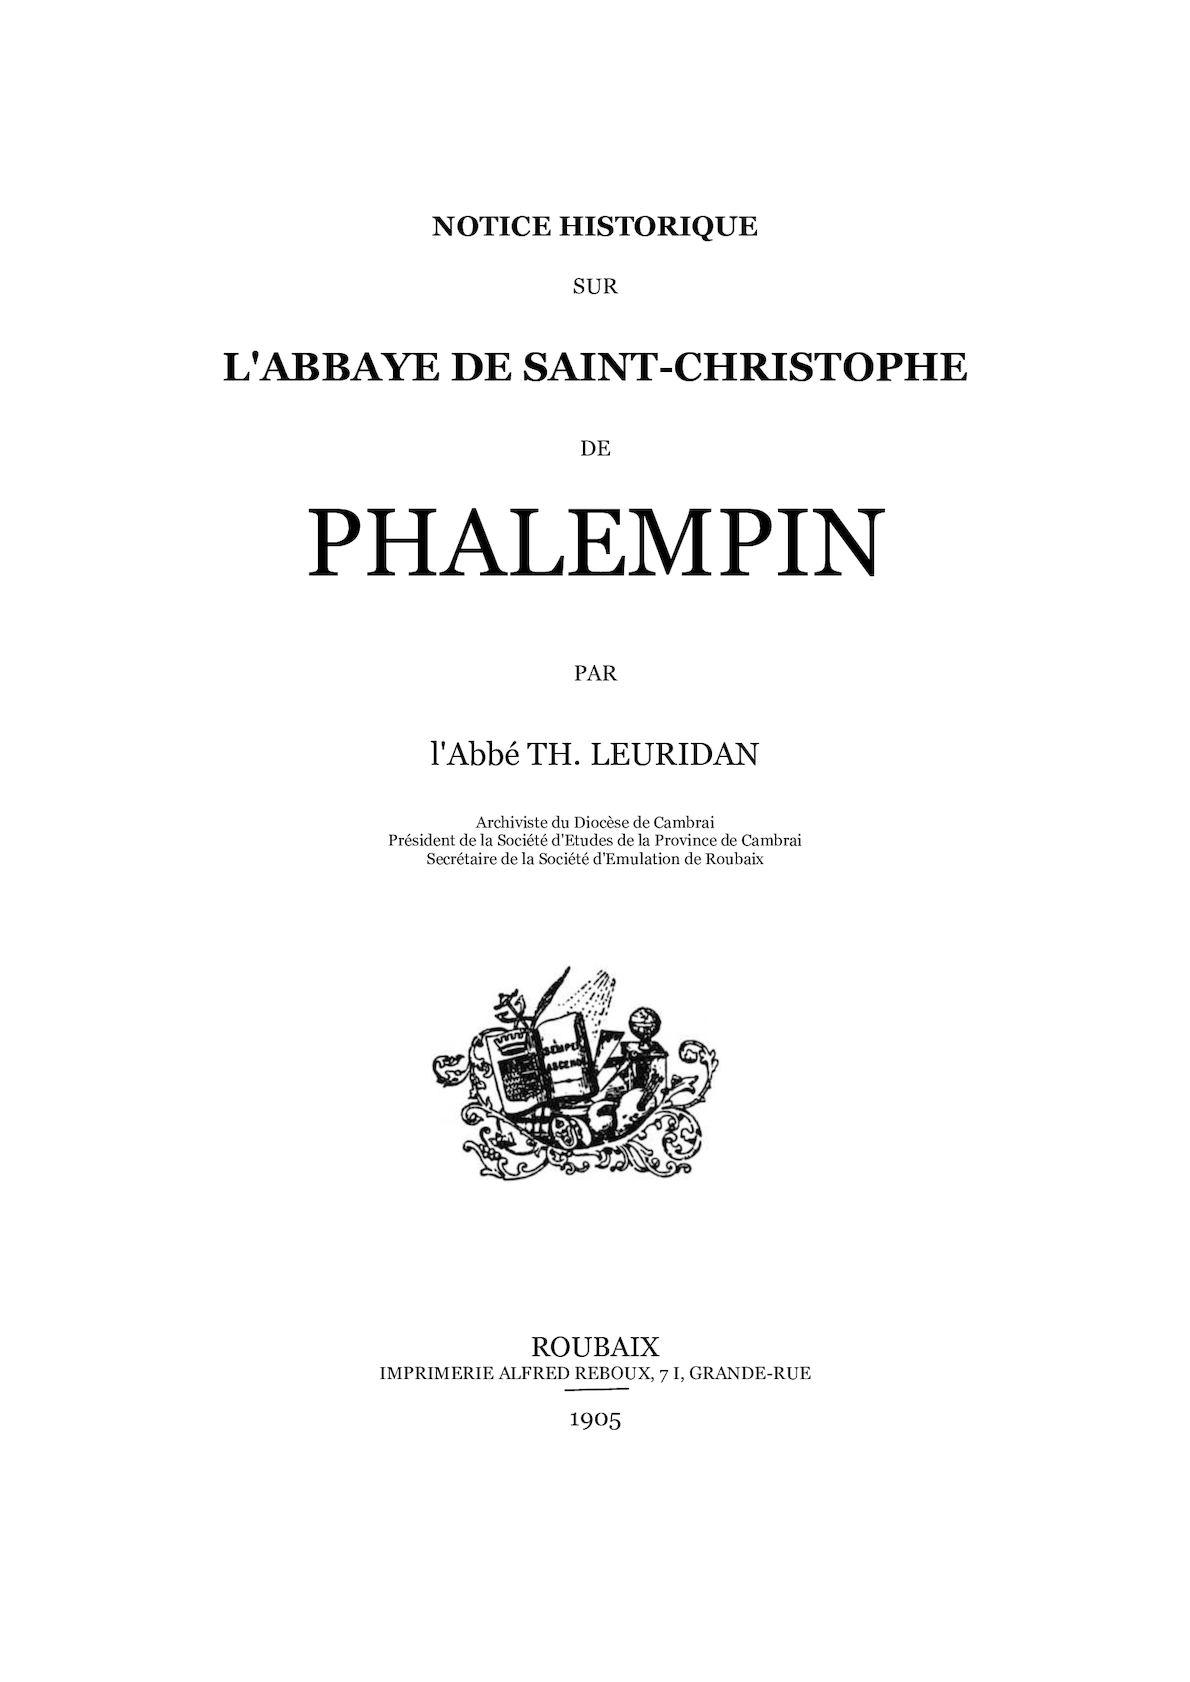 Histoire de l'abbaye de Phalempin